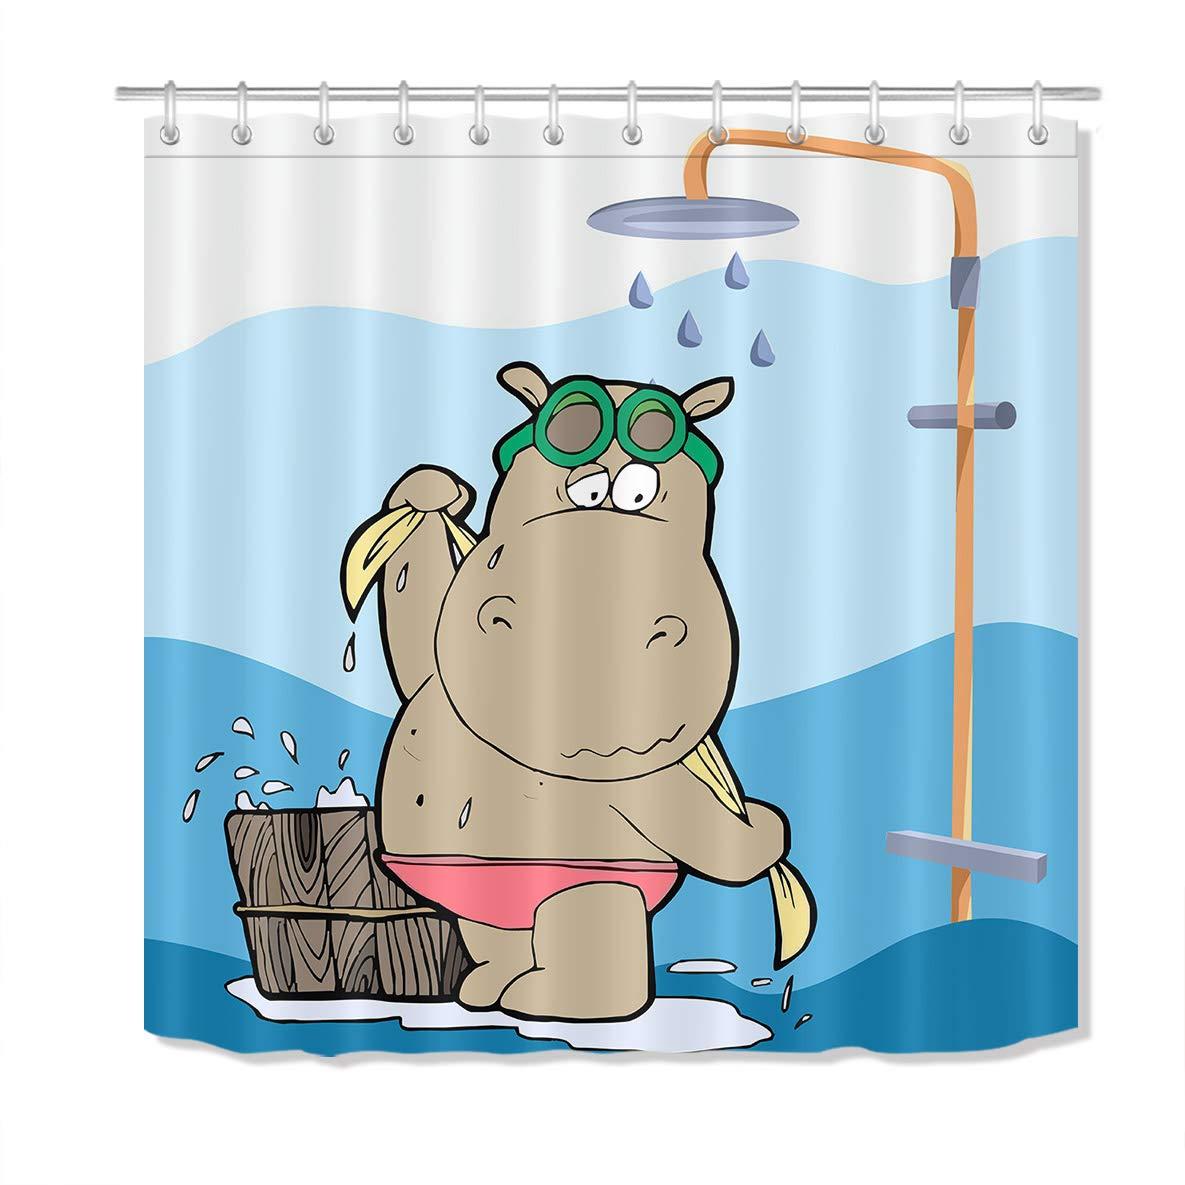 Bonito hipopótamo cortina de chuveiro crianças desenhos animados engraçado hipopótamo tendo chuveiro design banheiro deocr